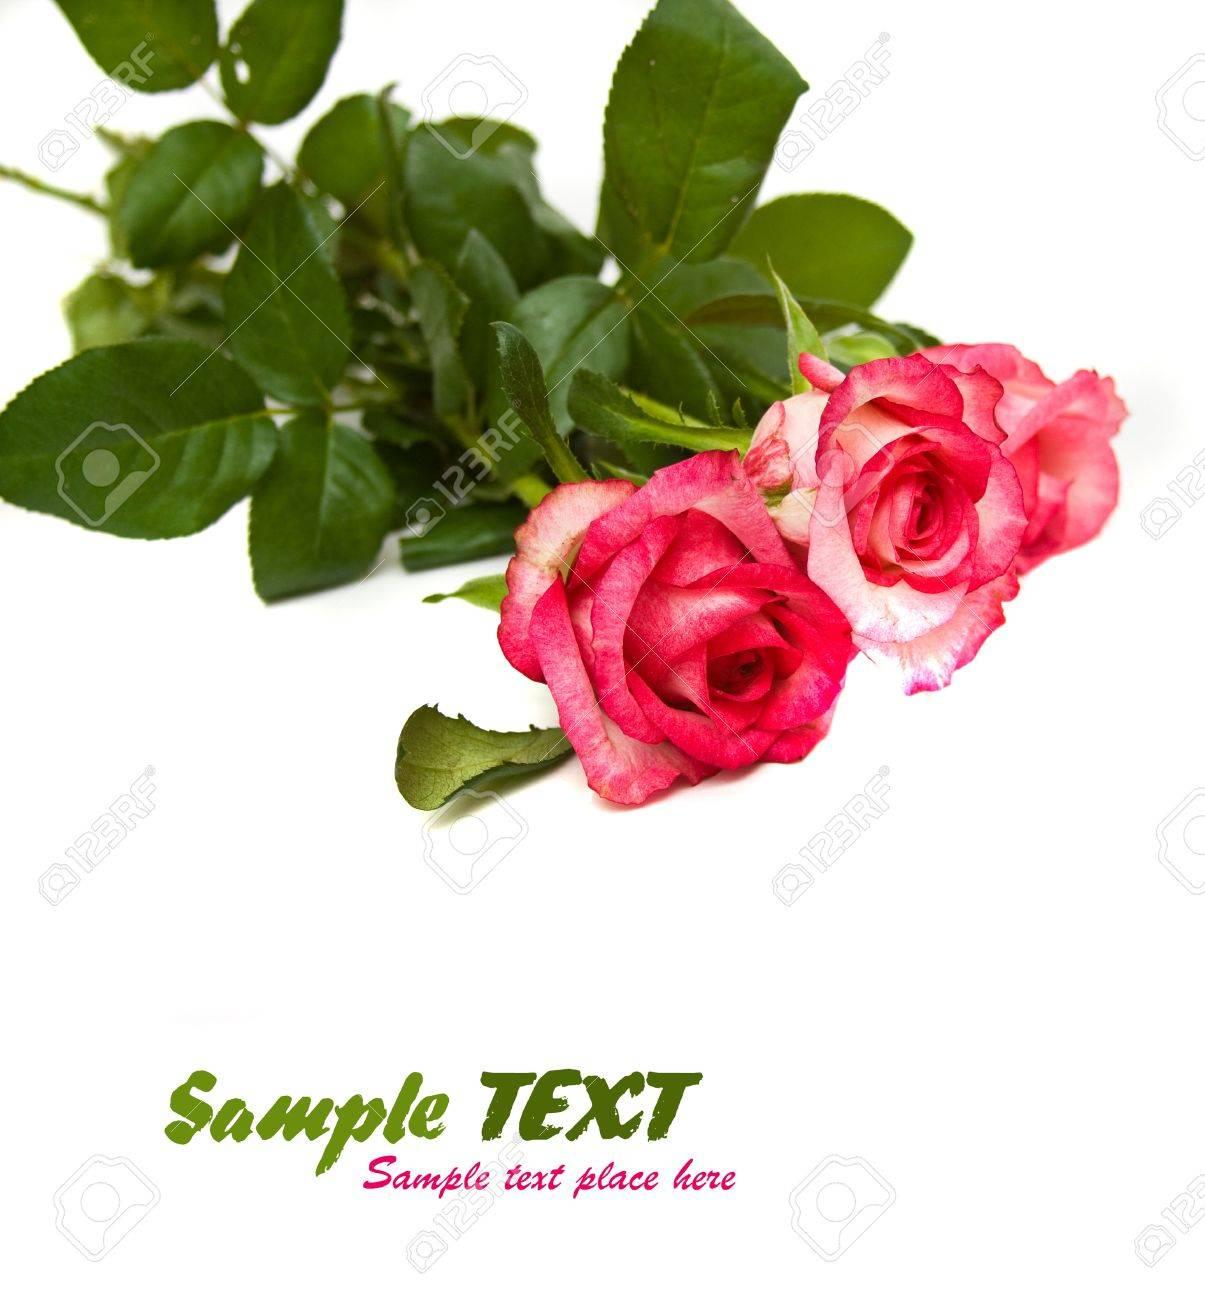 arôme, fond, beau, beauté, fleur, bouquet, bourgeon, carte, centre